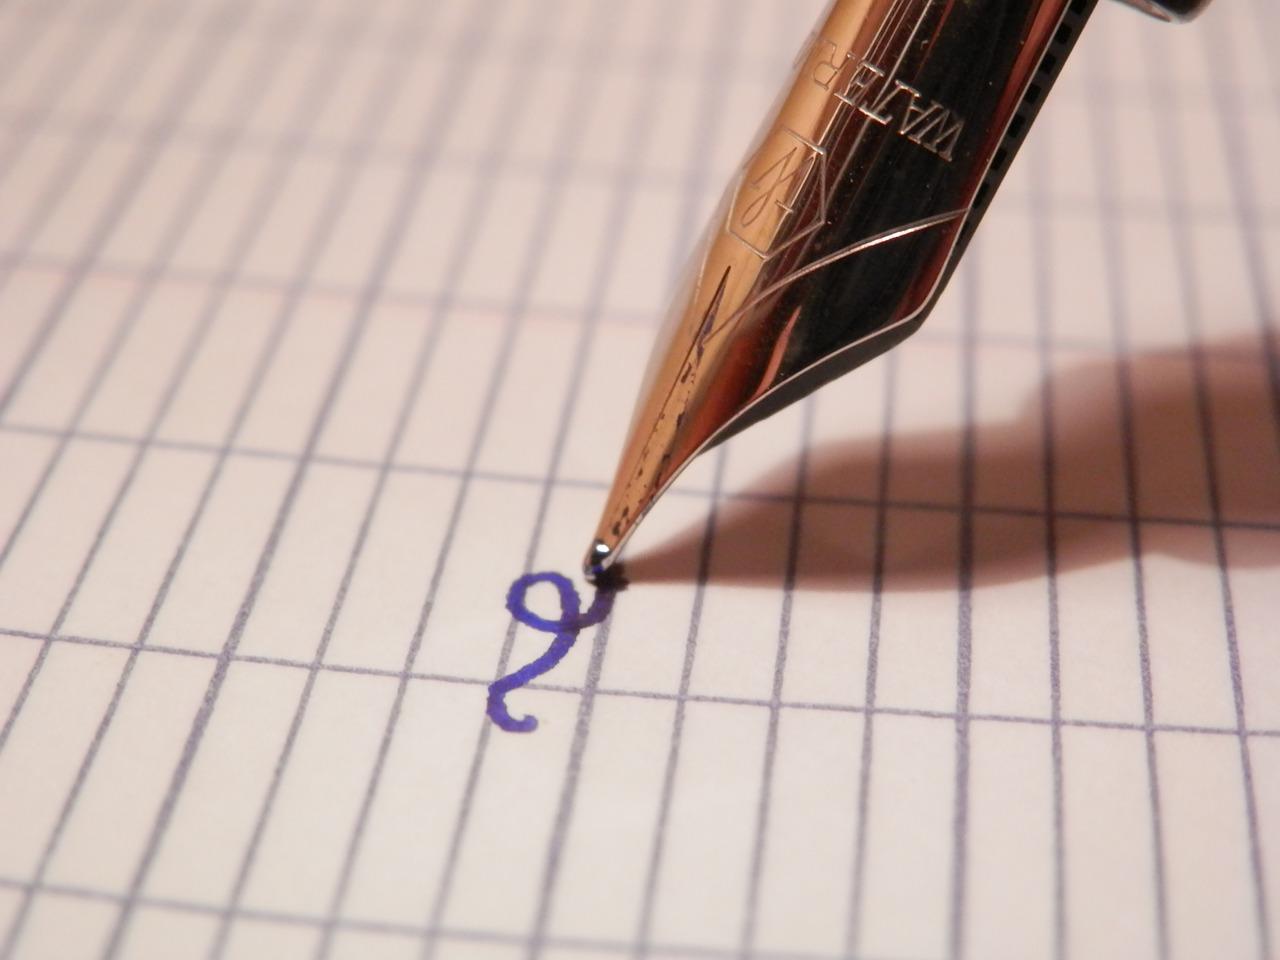 Idée et écriture sur carnet personnalisé